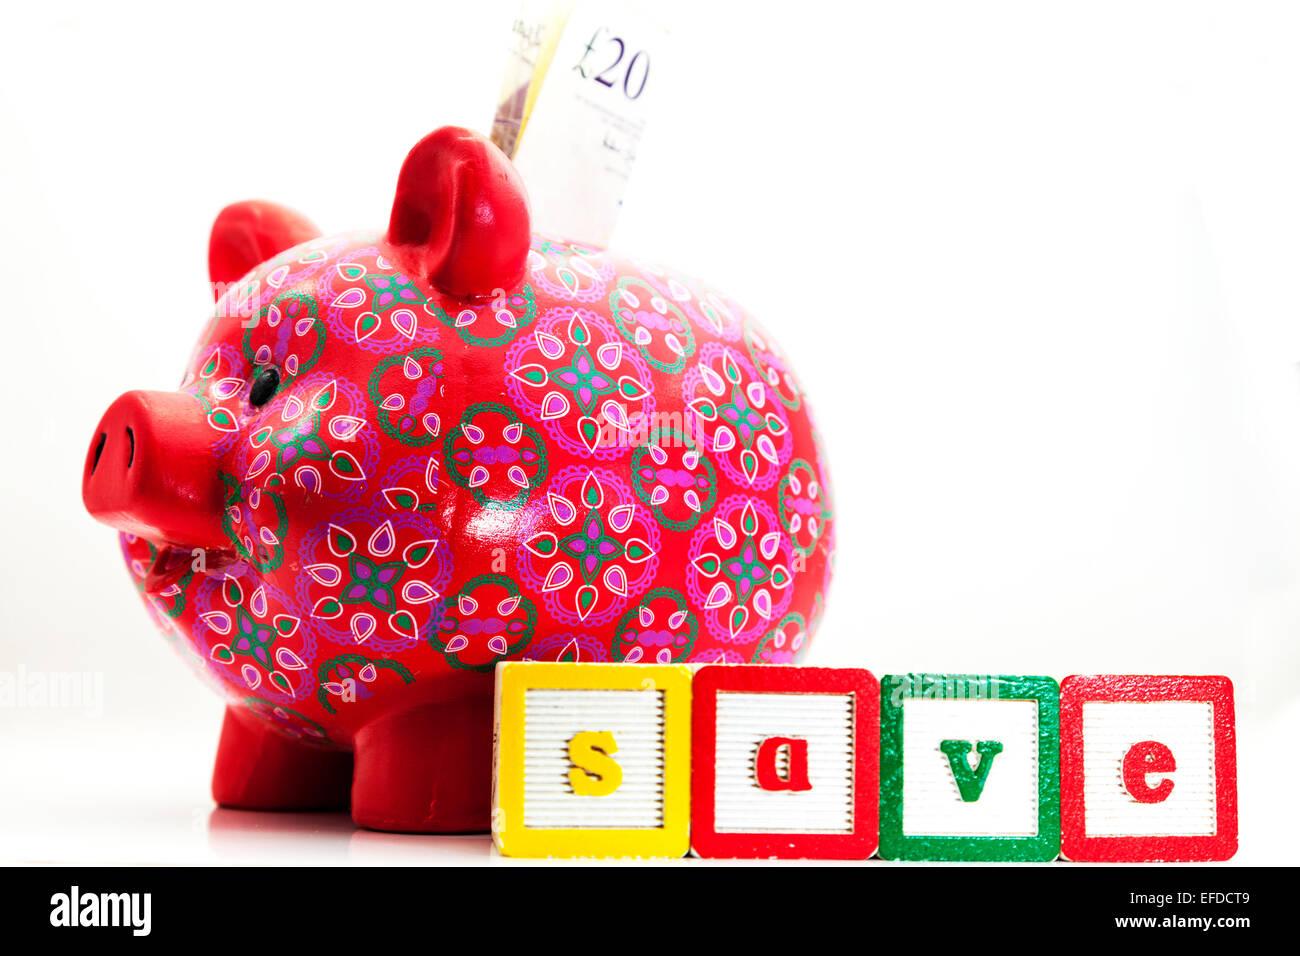 sparen Geld Cash Sparschwein sparen Sparer spart Regentag Notgroschen Rente ausgeschnitten Kopie Raum weißen Stockbild